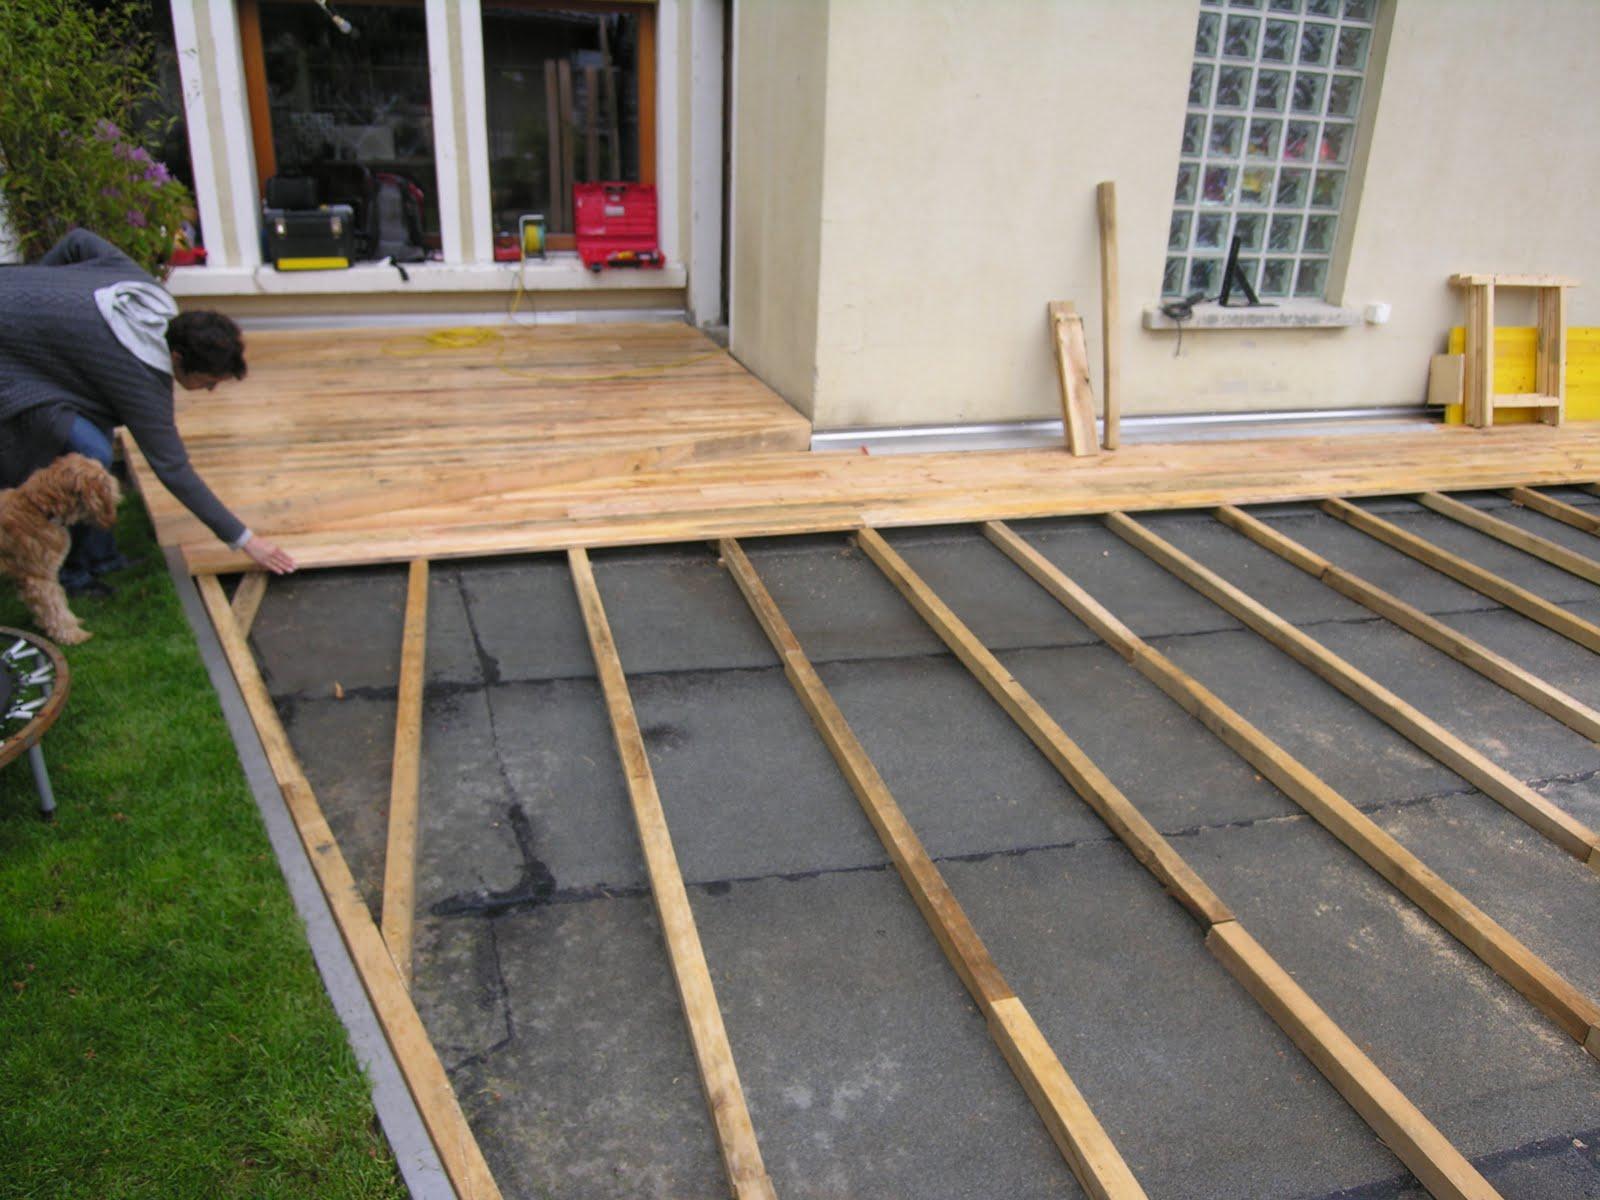 lame terrasse bois non traite diverses id es de conception de patio en bois pour. Black Bedroom Furniture Sets. Home Design Ideas